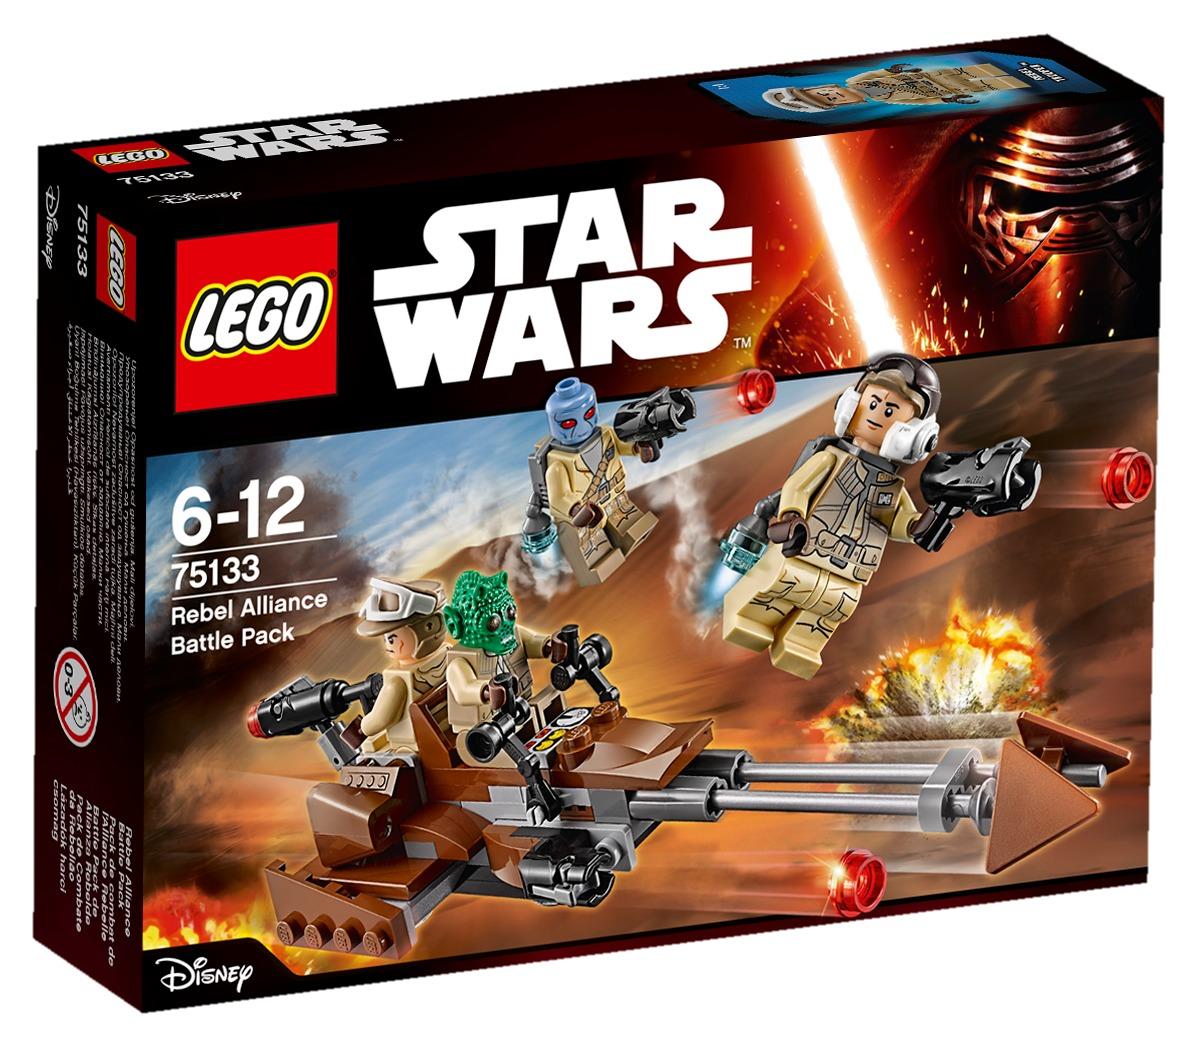 LEGO Star Wars - Rebel Alliance Battle Pack (75133) image